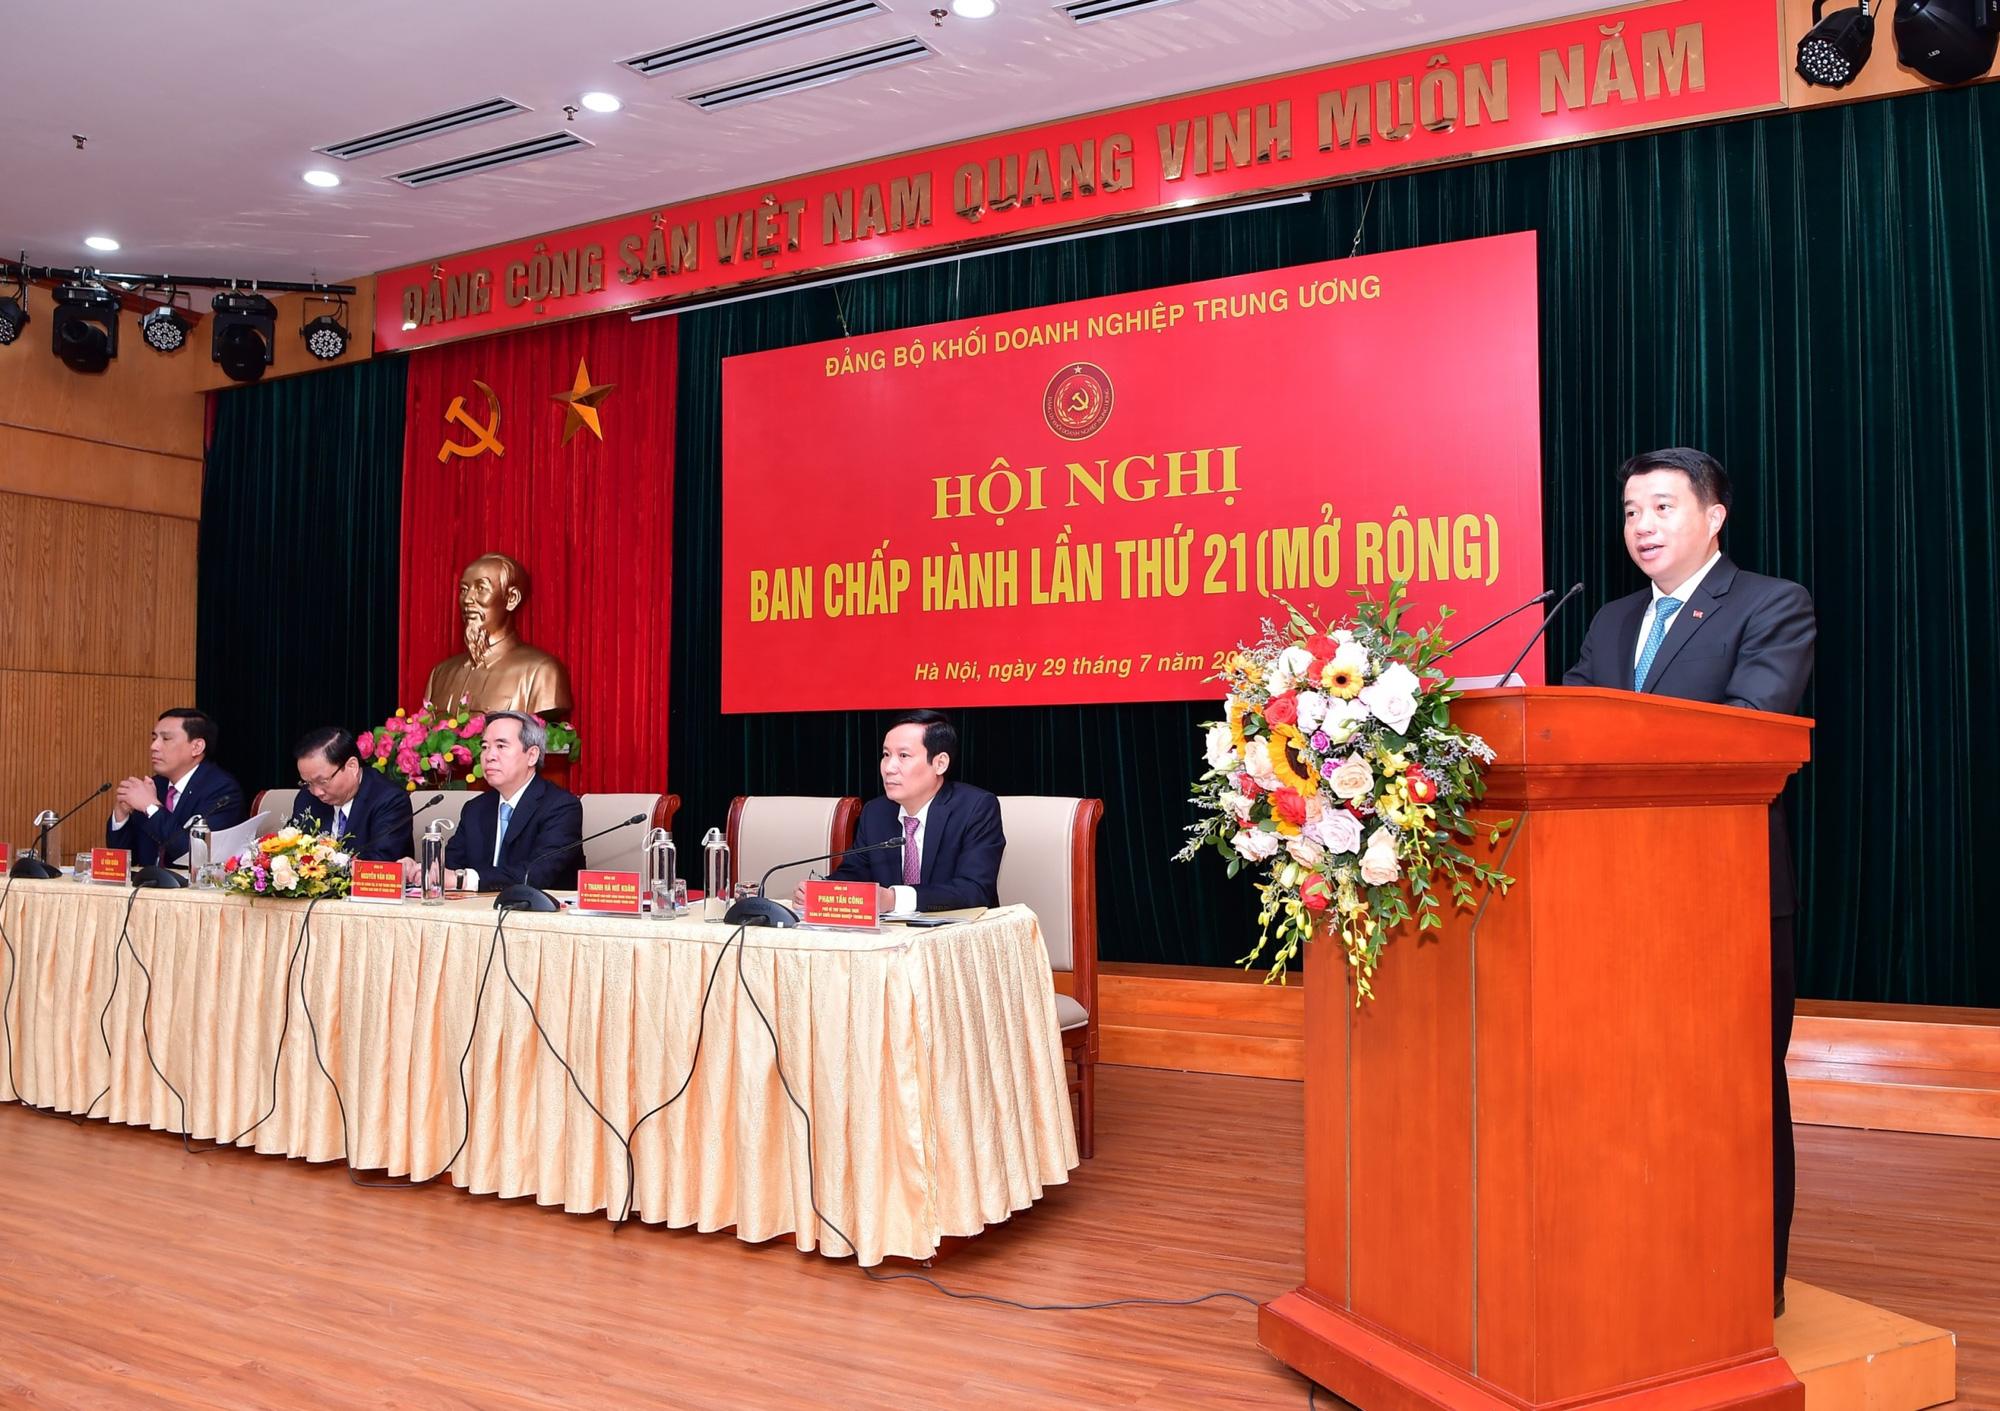 Chủ tịch HĐQT Vietcombank giữ chức Ủy viên Ban Thường vụ Đảng ủy Khối Doanh nghiệp Trung ương - Ảnh 3.